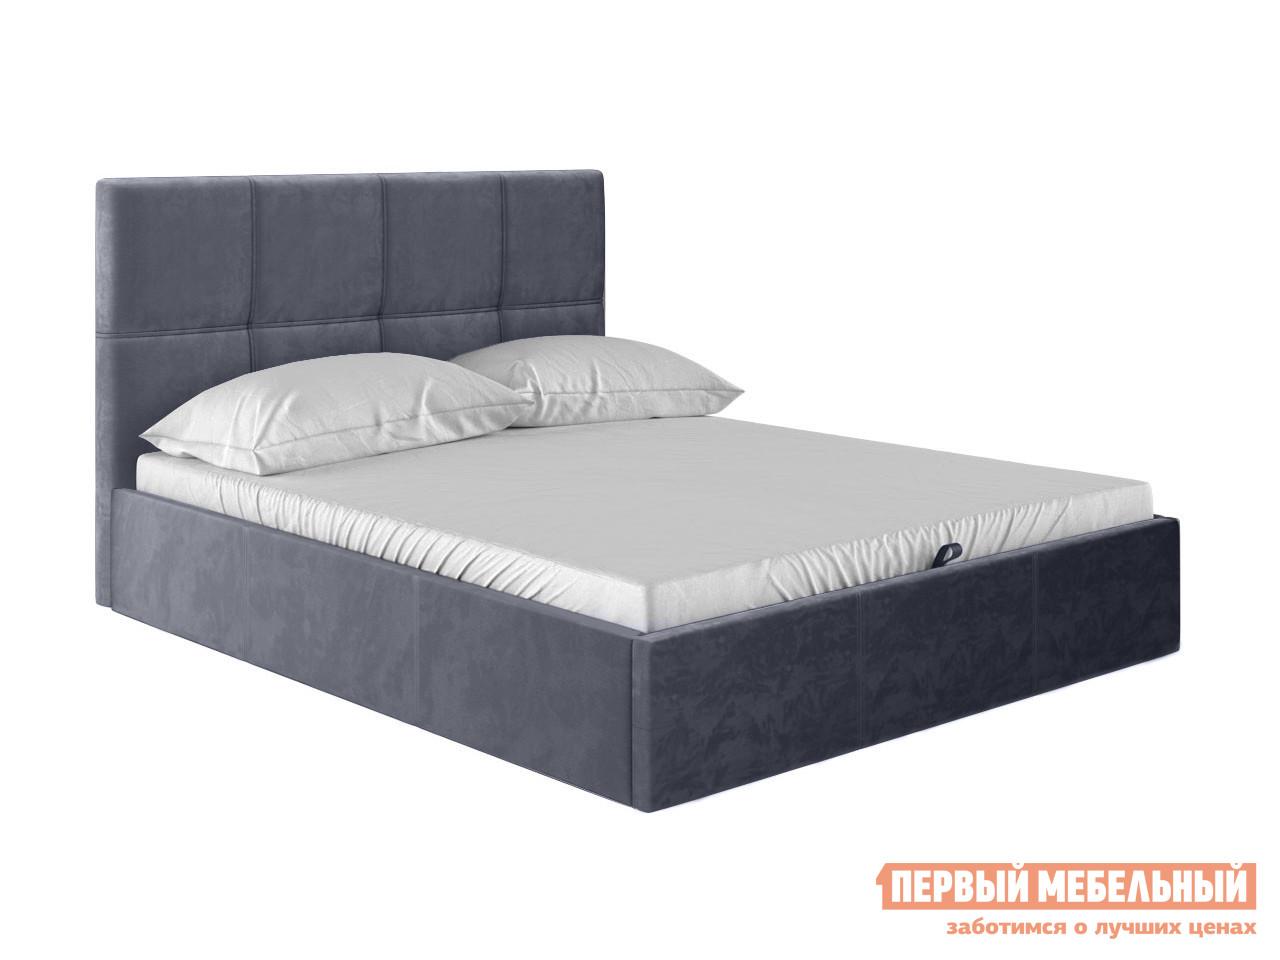 Двуспальная кровать  Верда Серый, велюр, 160х200 см